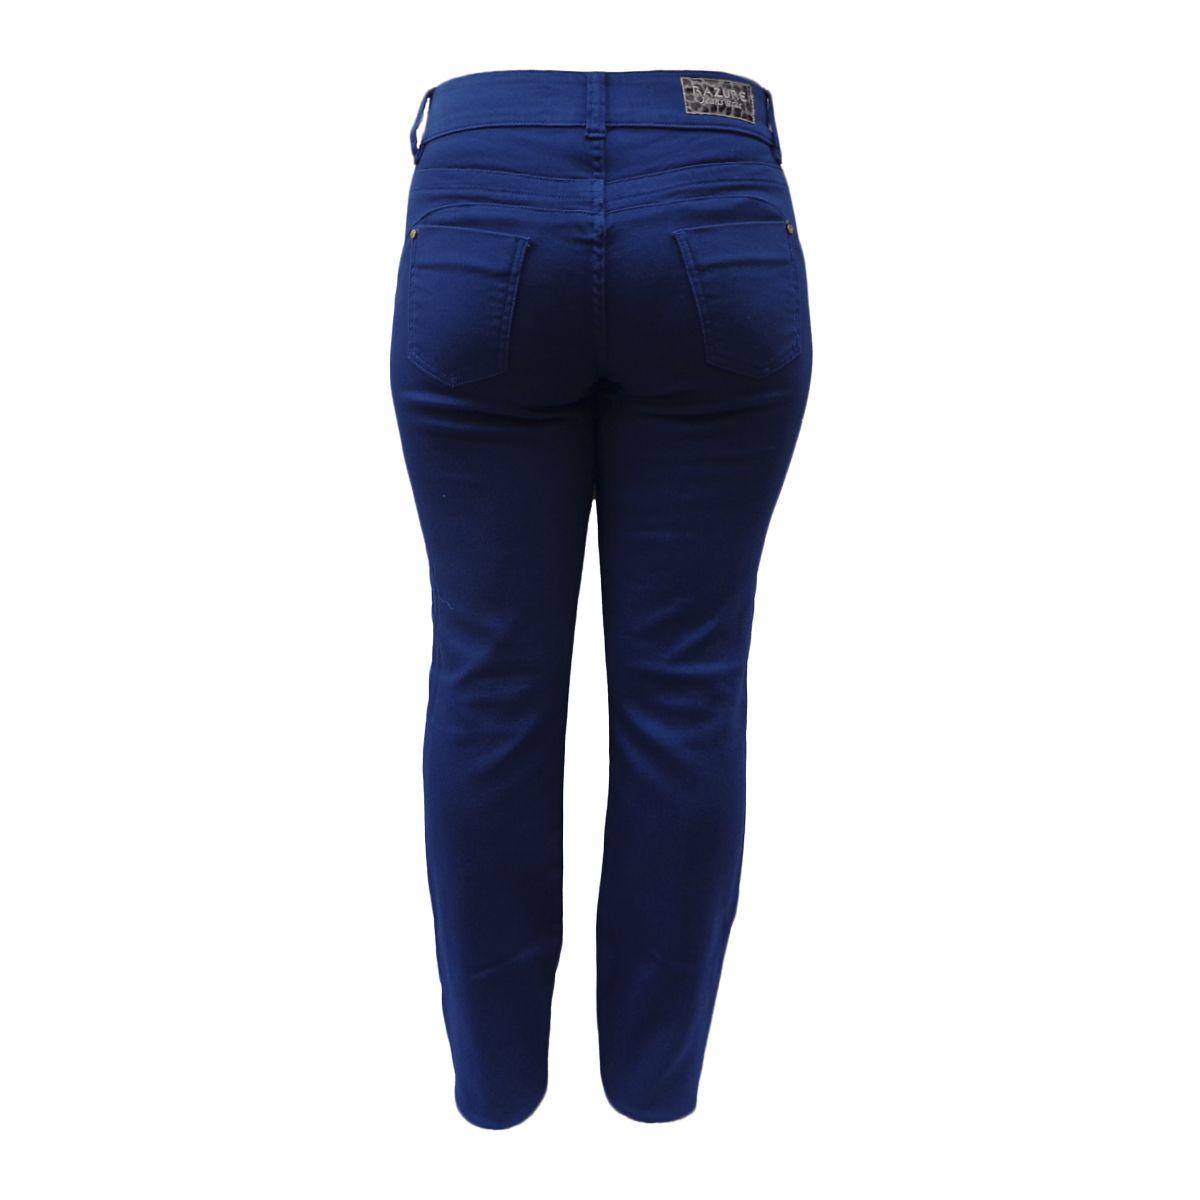 Calça Reta Color Jeans Denim Malha Cintura Alta Tamanho 44